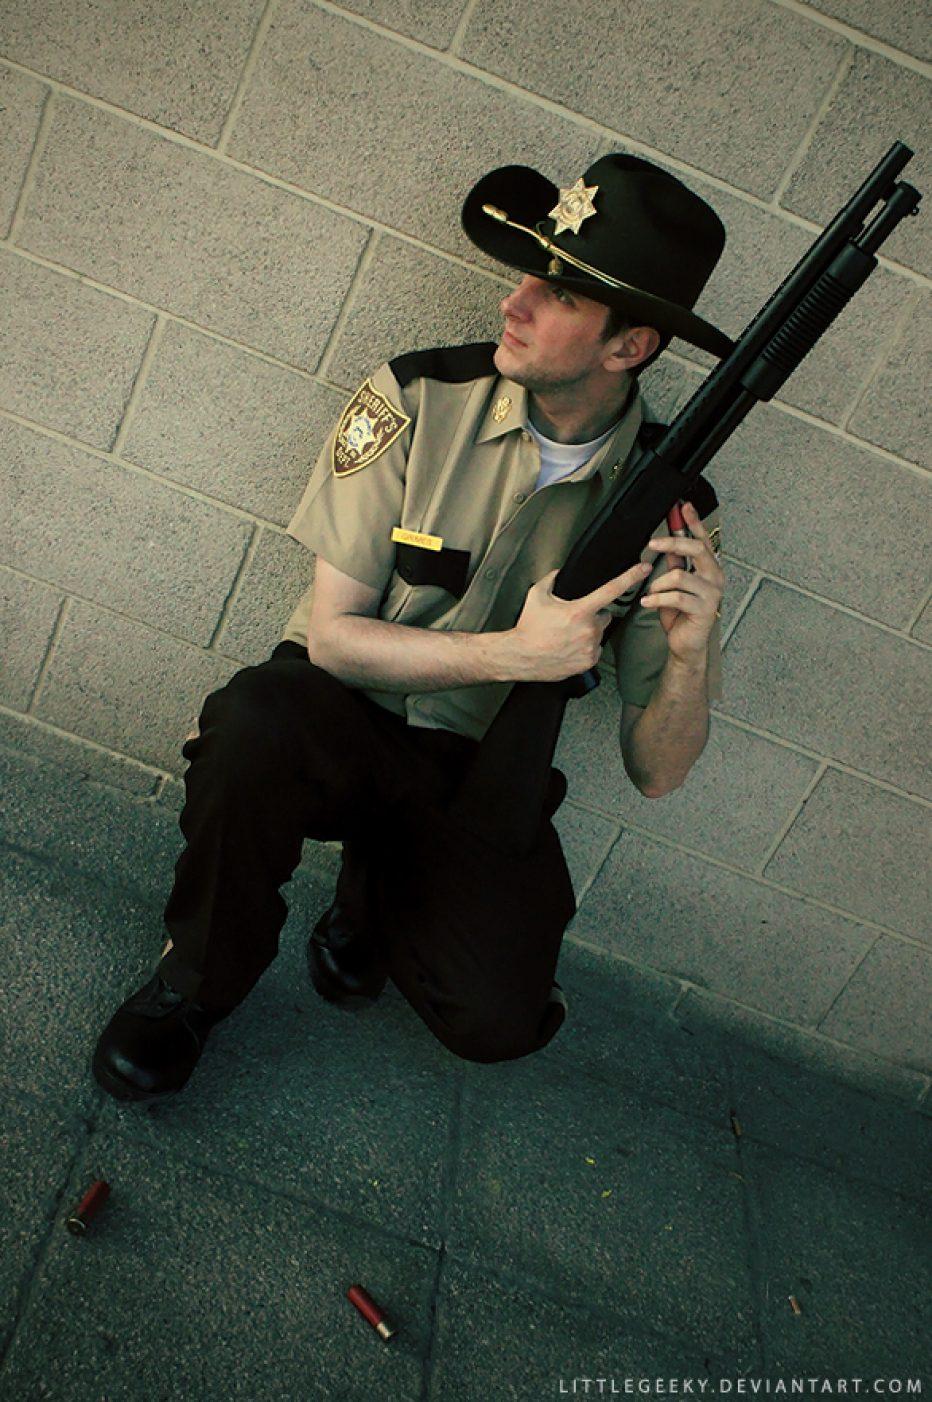 The-Walking-Dead-Rick-Grimes-Cosplay-Gamers-Heroes-6.jpg